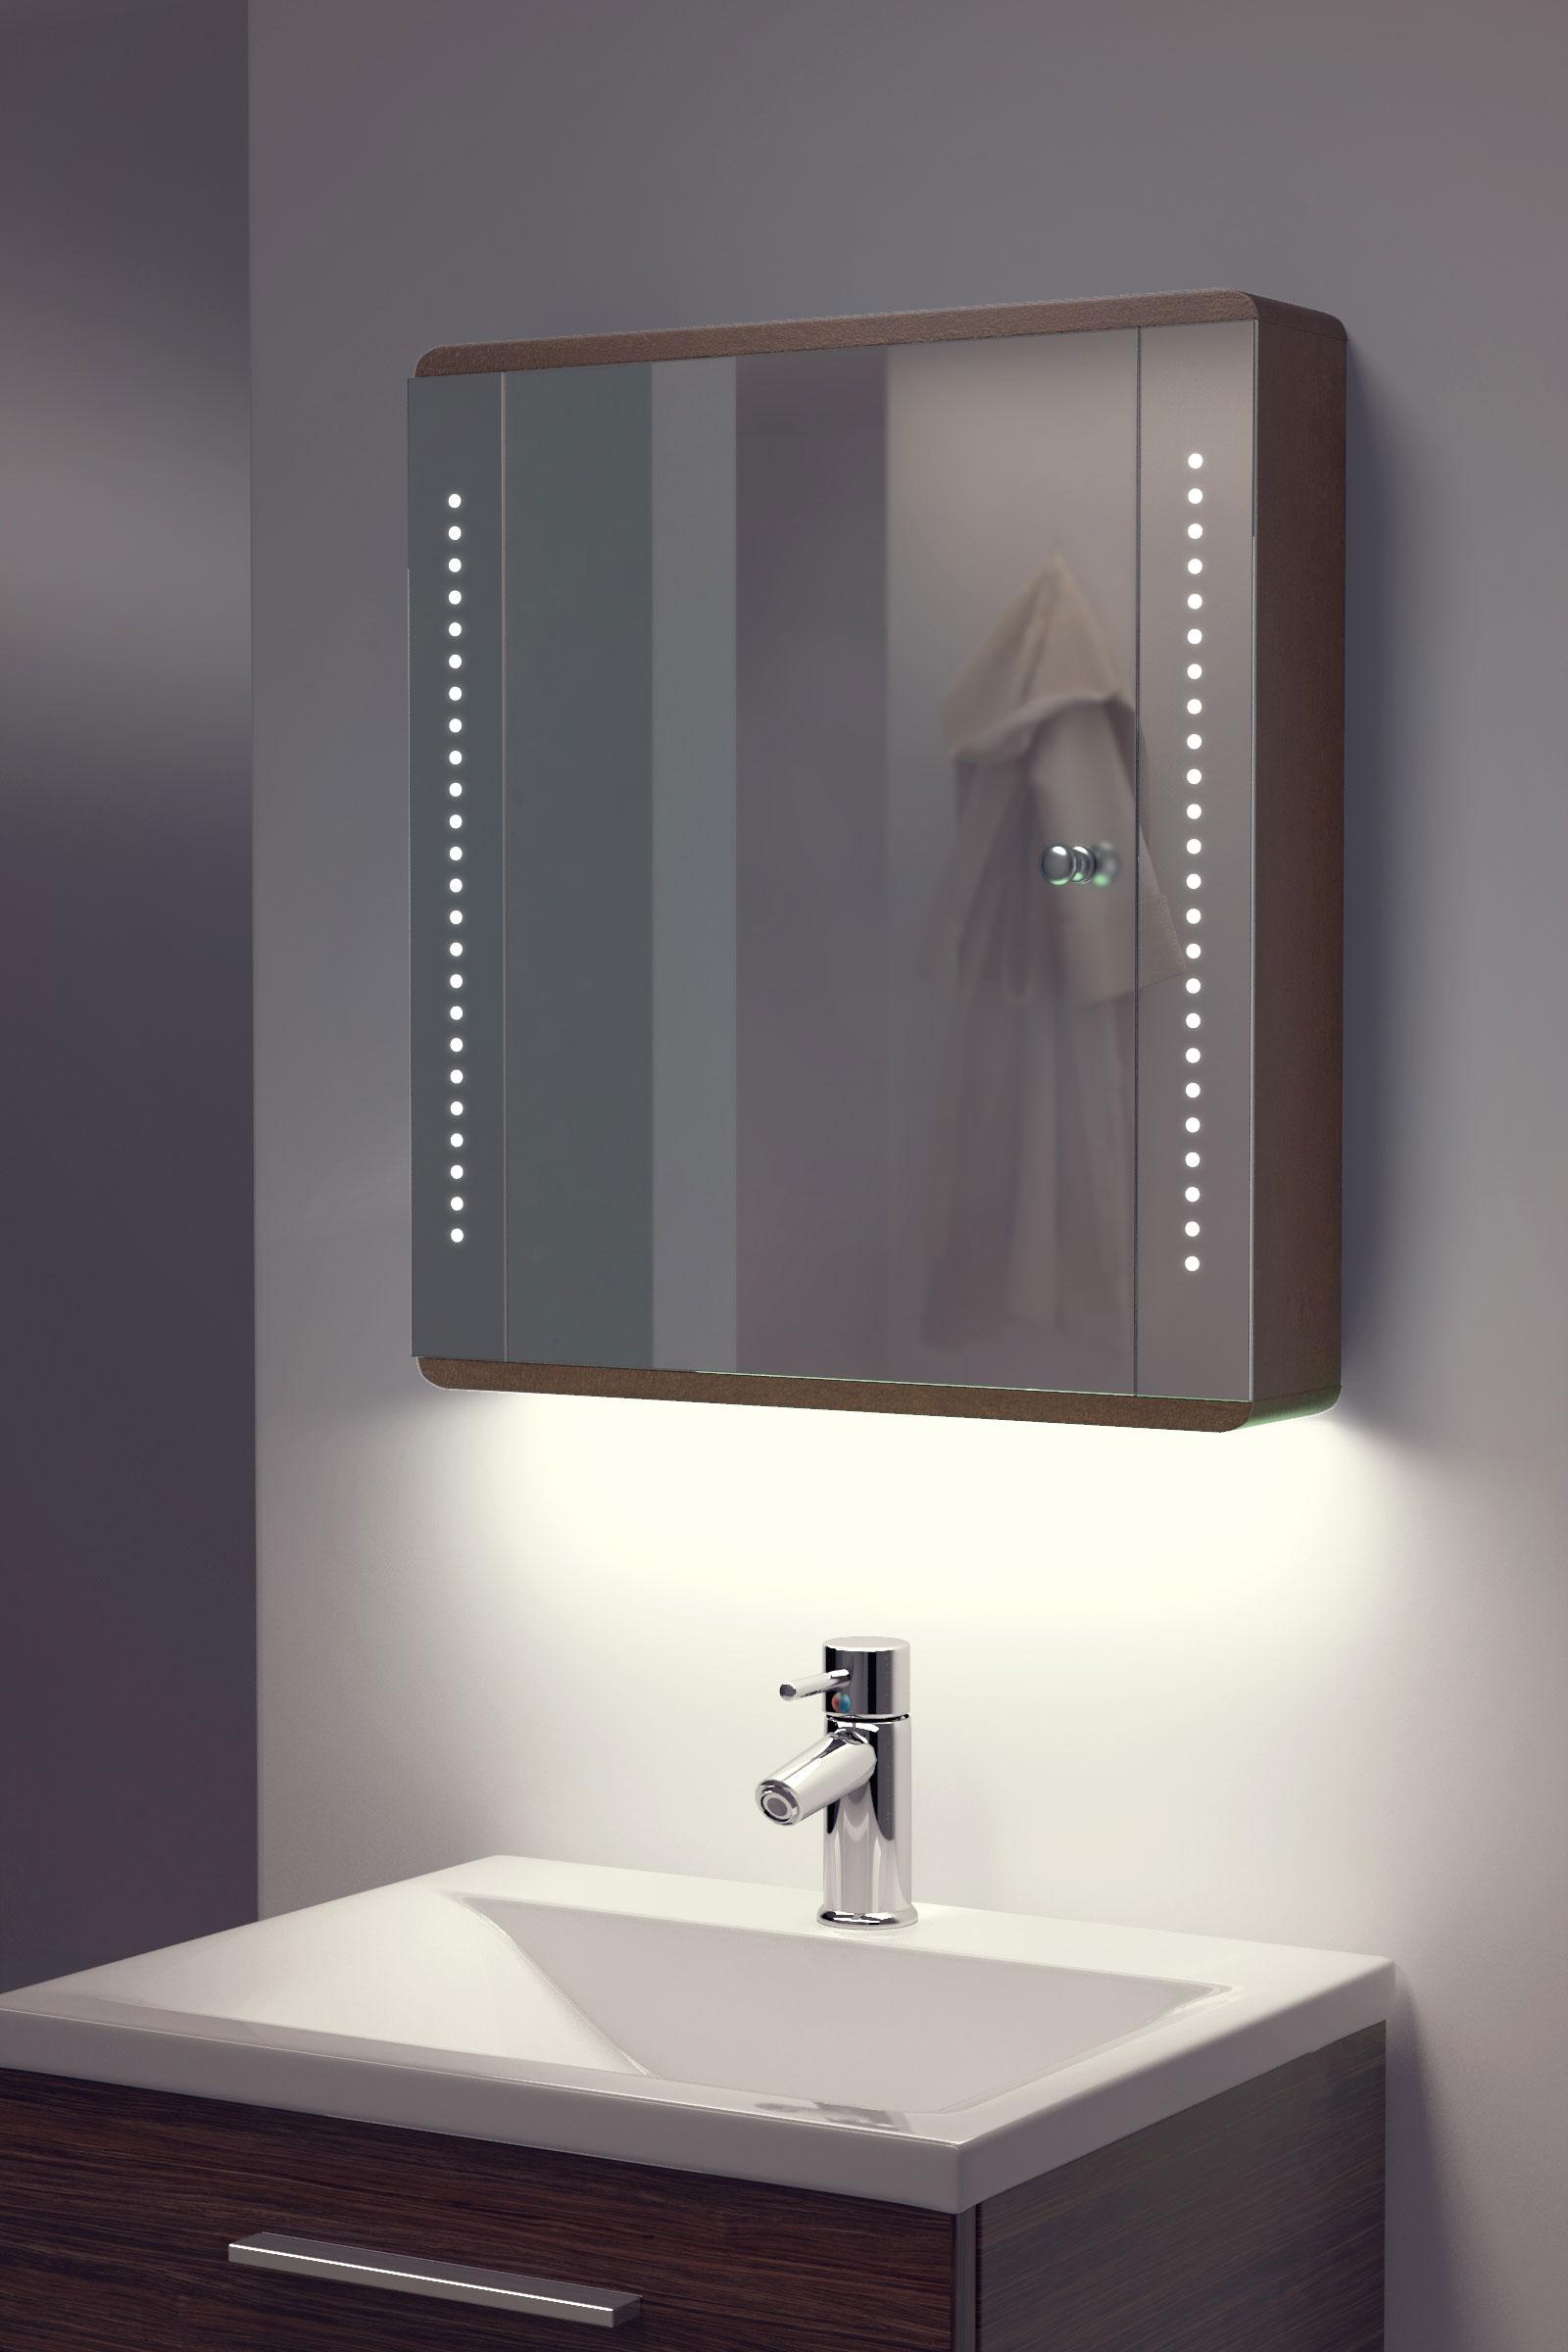 ambient solid oak bathroom cabinet with demister sensor